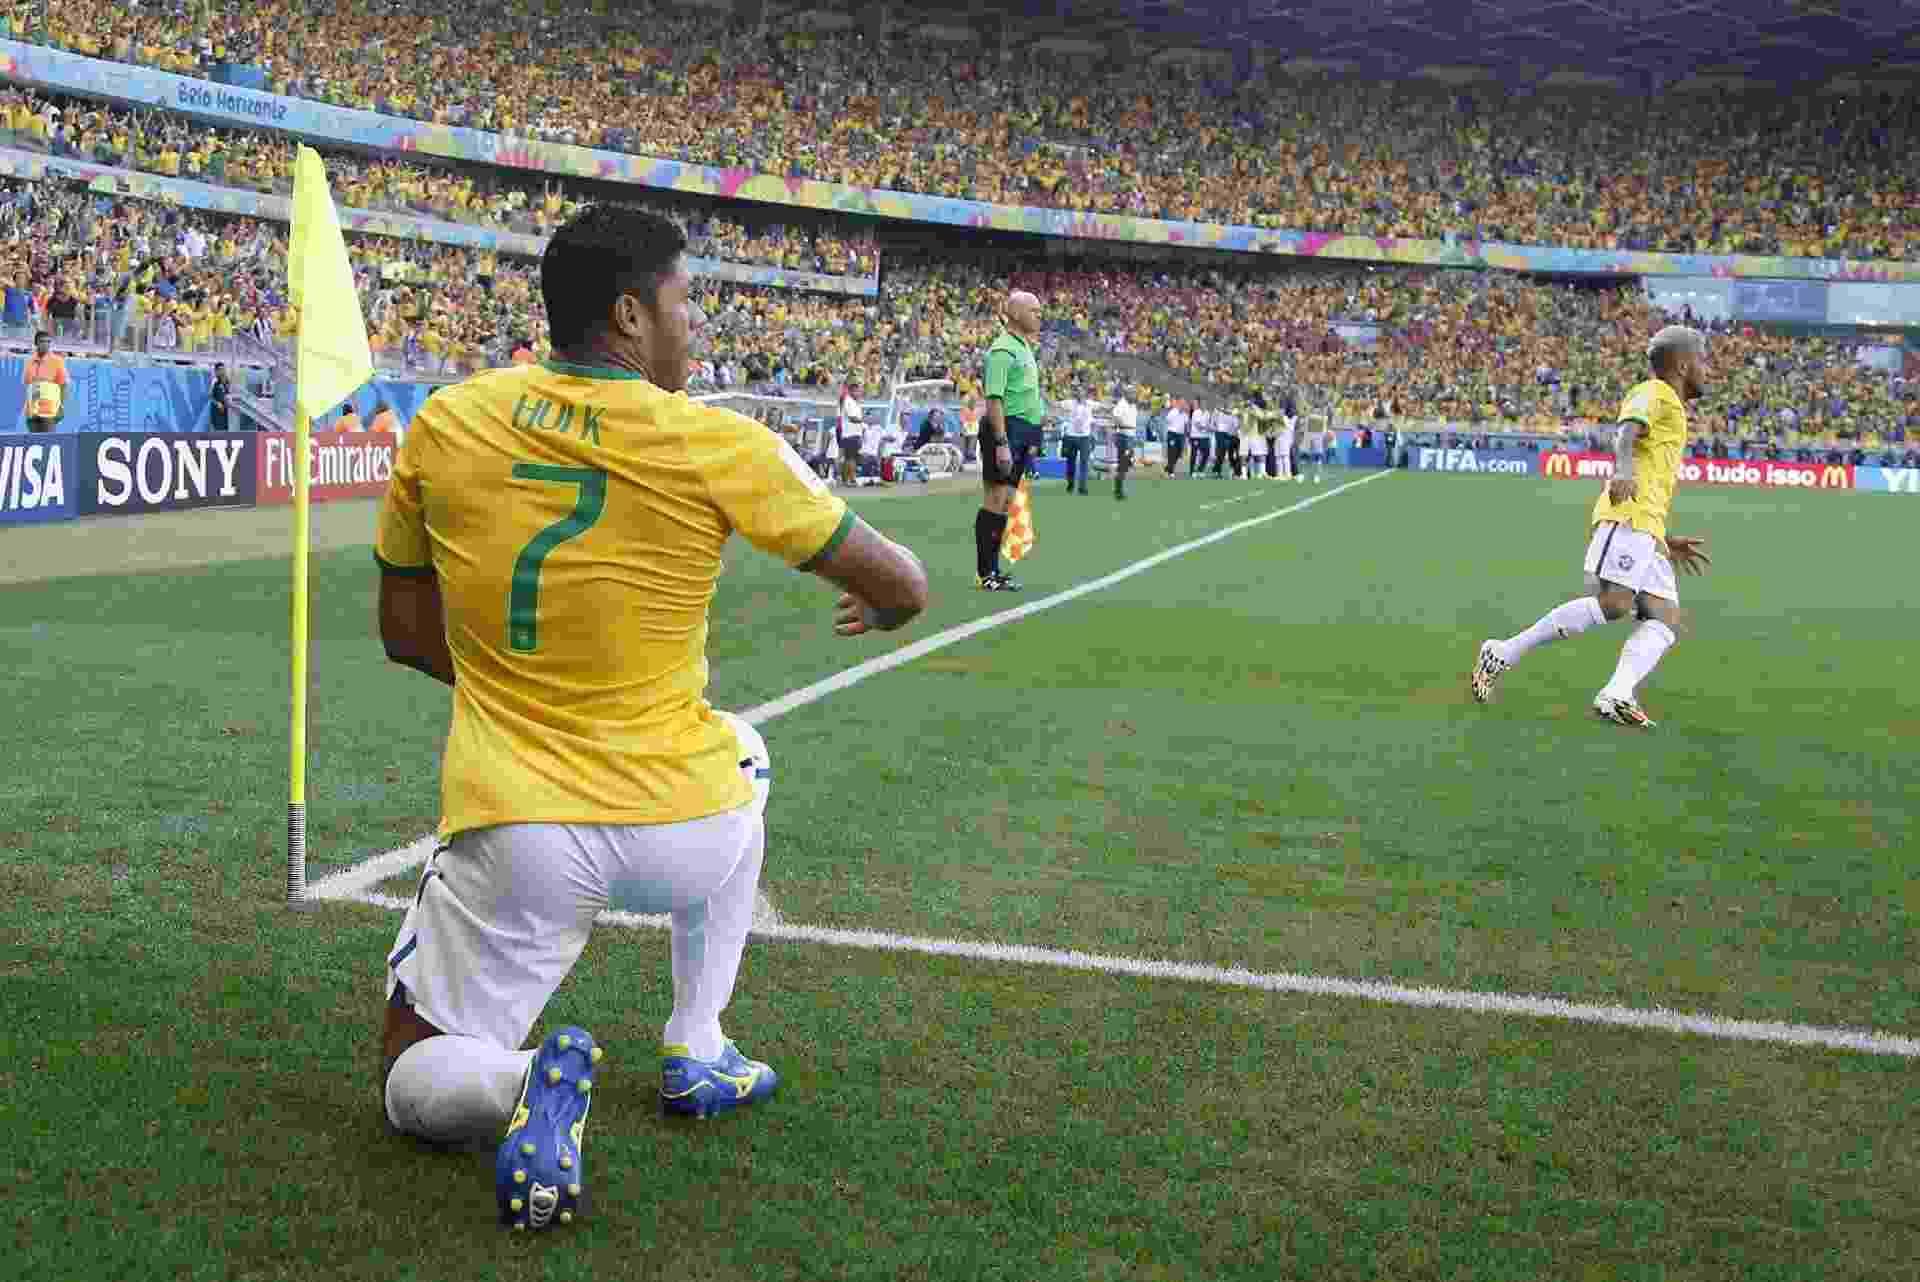 Jogador Hulk mostra o bumbum em bermuda branca durante jogo da seleção brasileira - ERIC GAILLARD/REUTERS